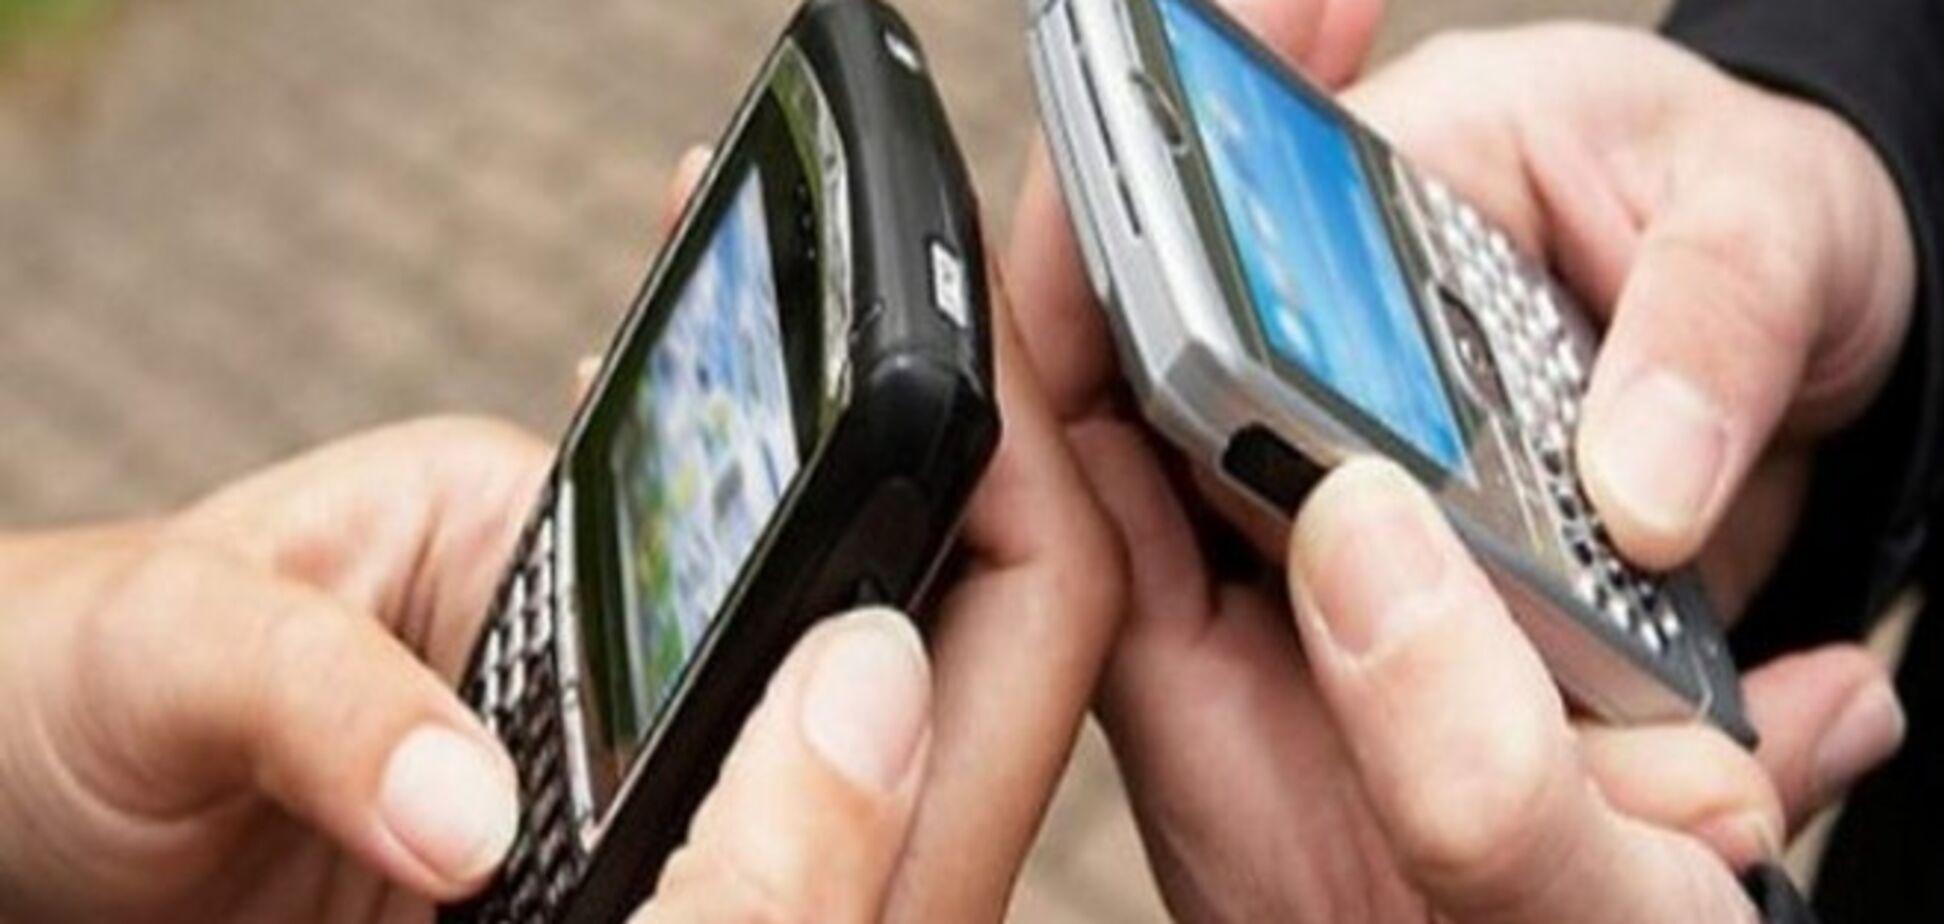 Украинский мобильный оператор повысит тарифы для абонентов в аннексированном Крыму